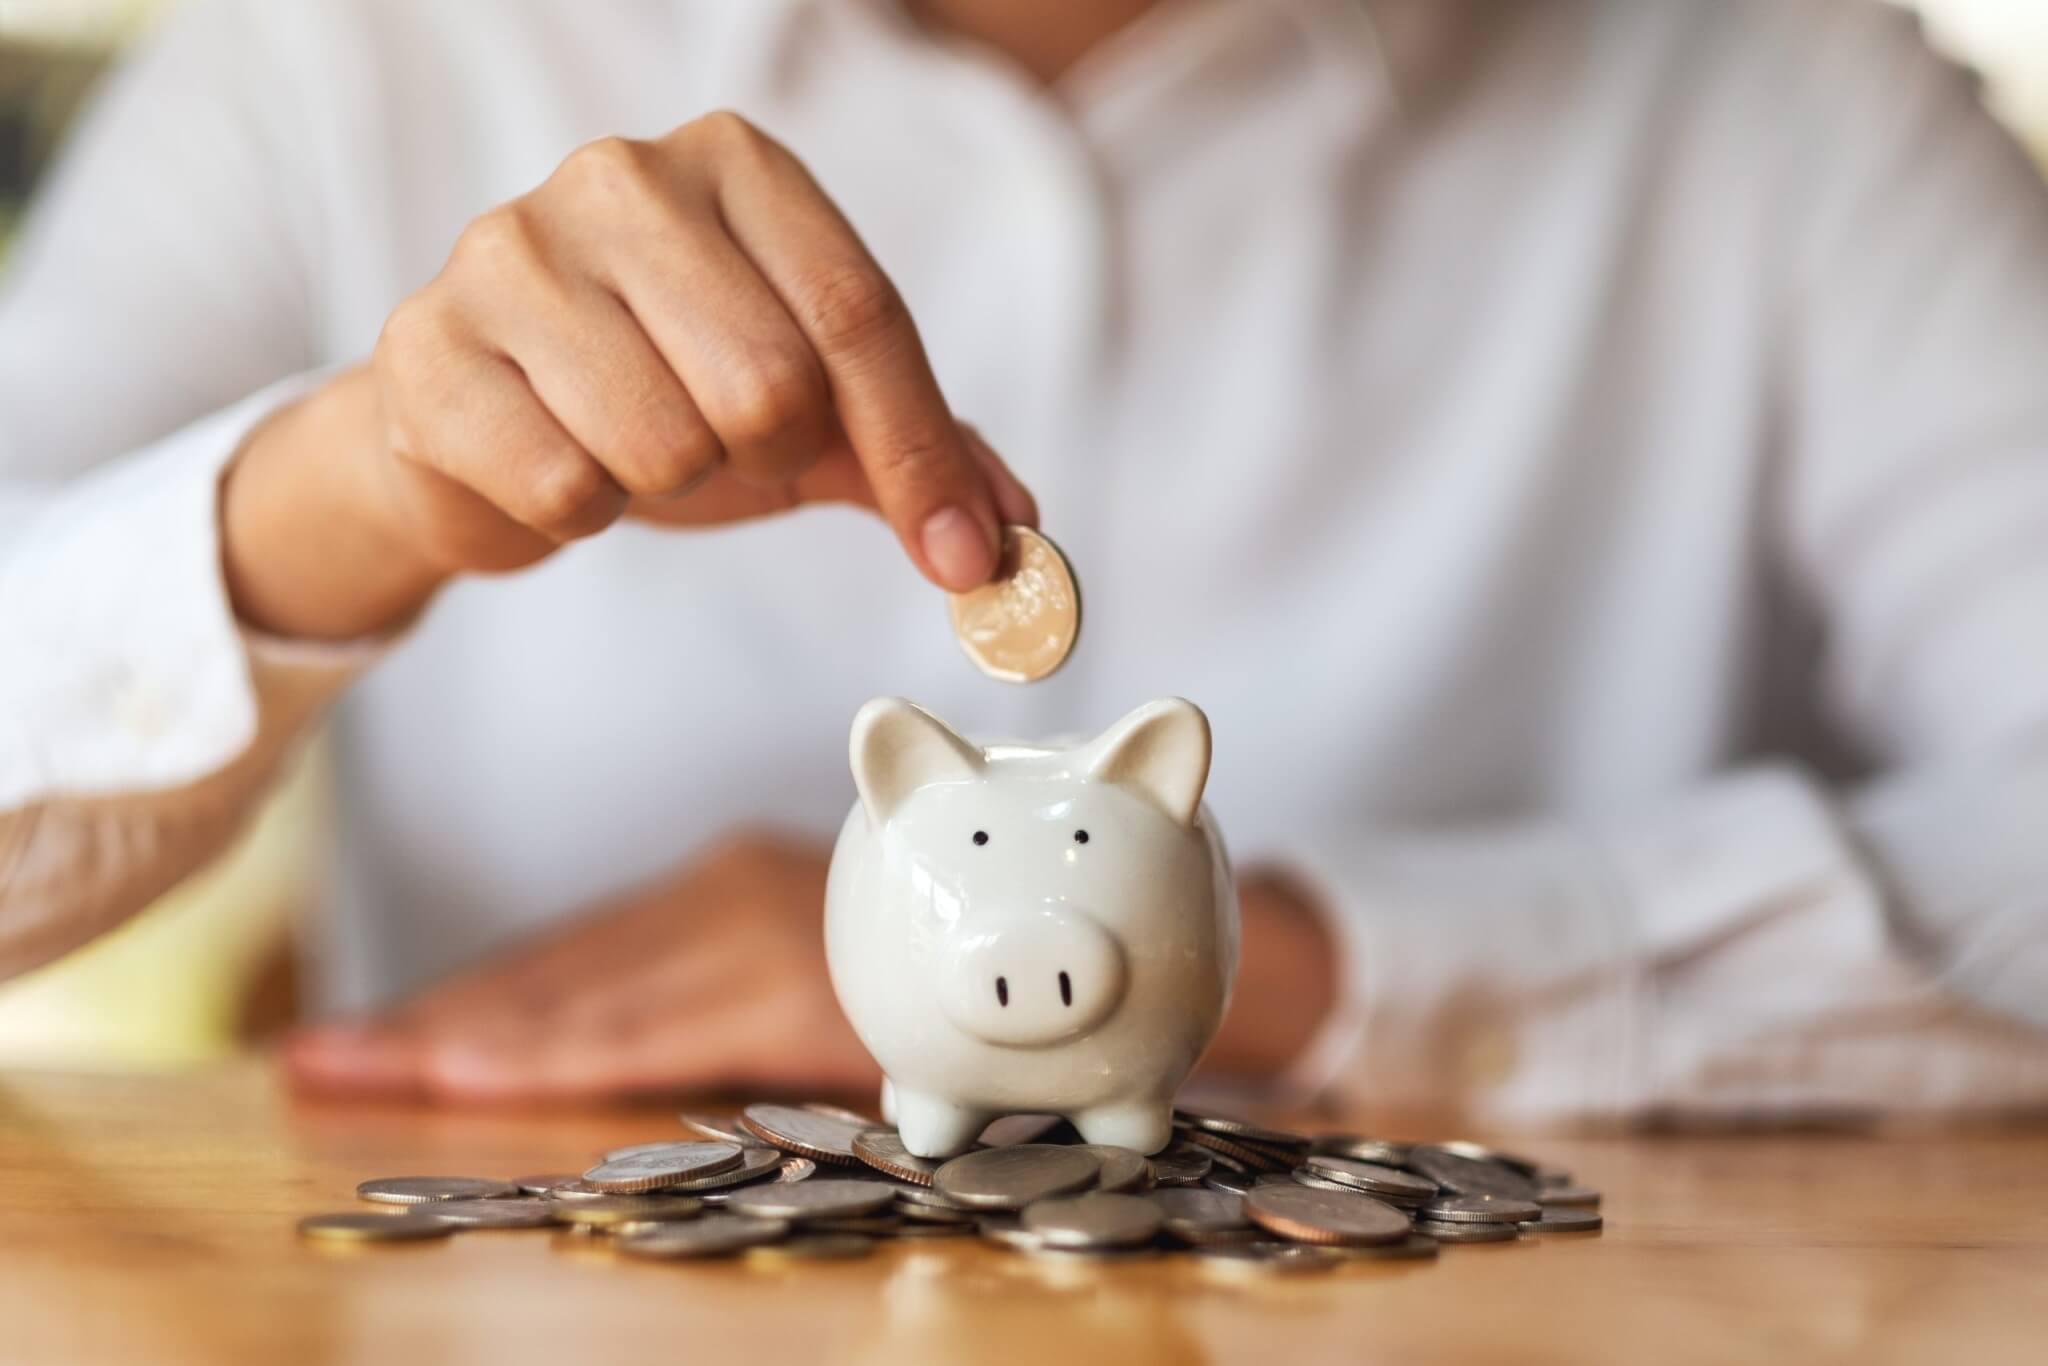 hoogste rente deposito sparen